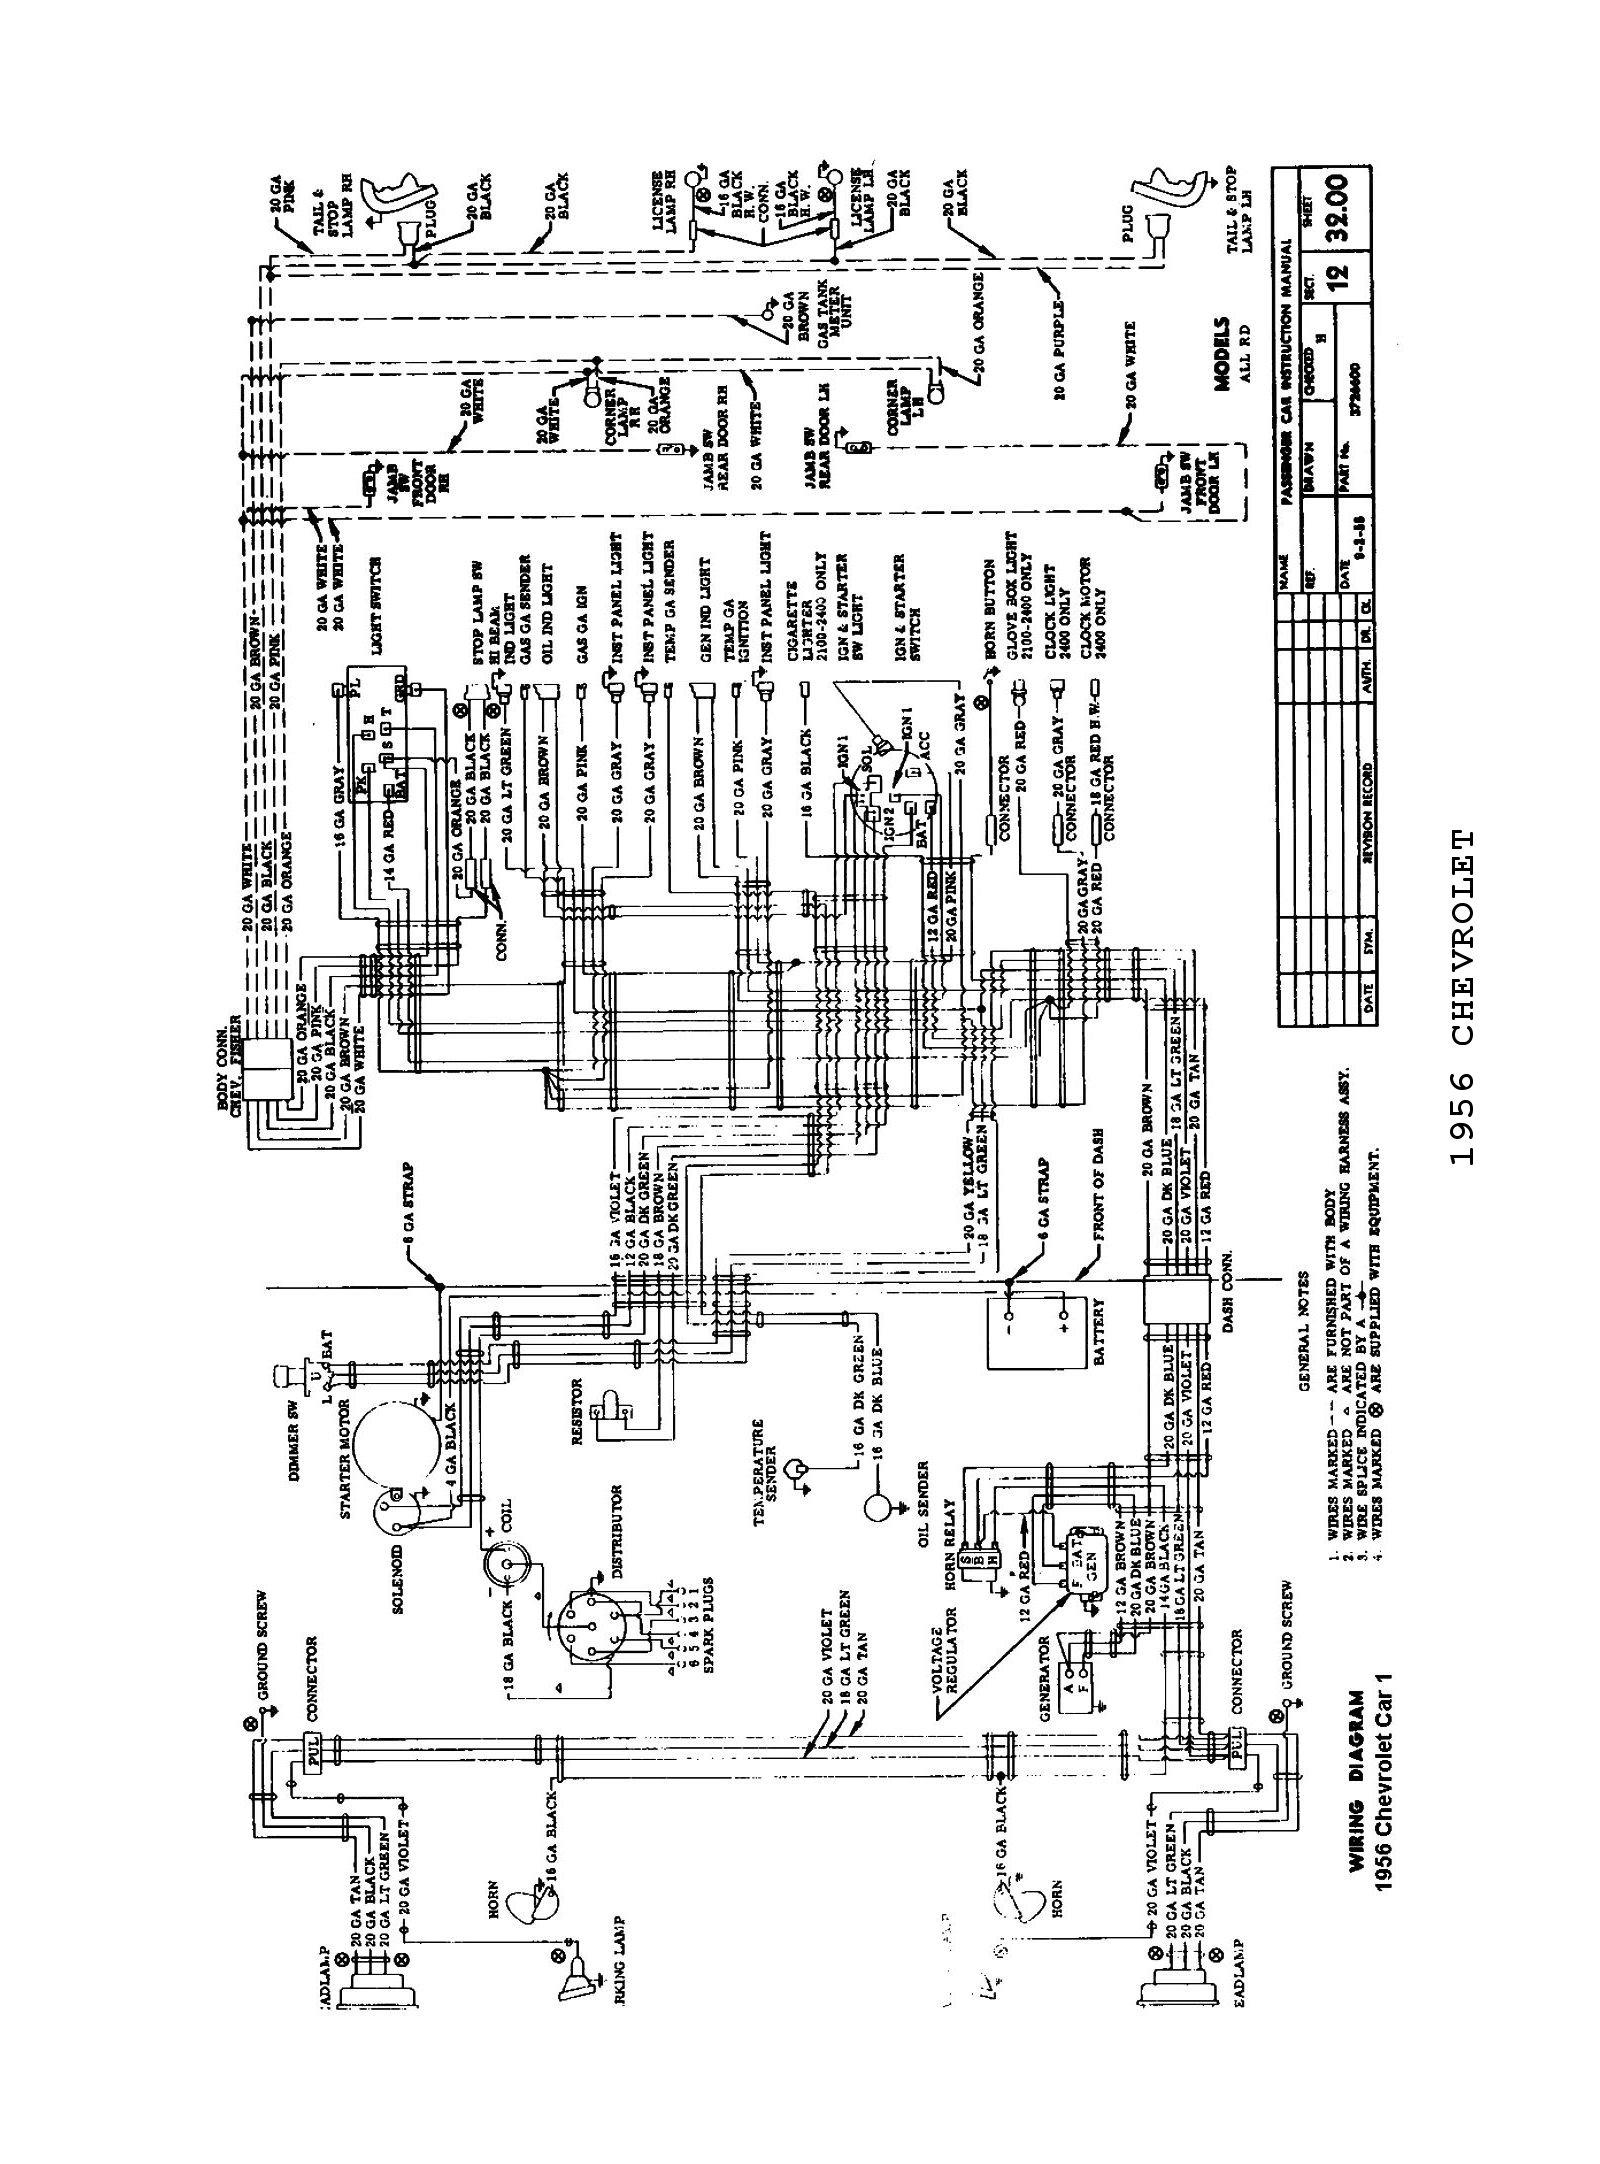 1956 Gmc Wiring Diagram Wiring Diagram Motor Motor Frankmotors Es